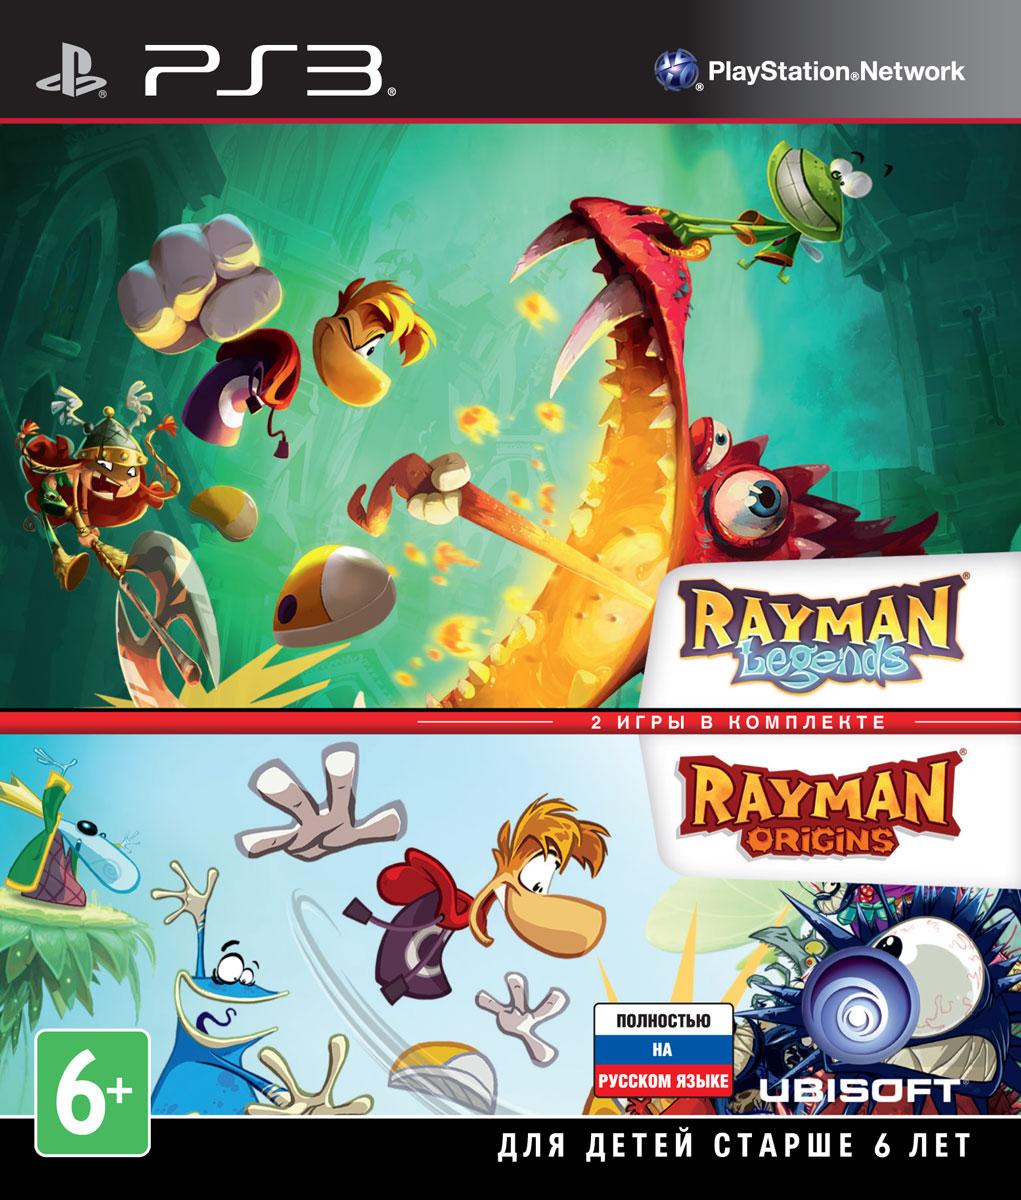 Комплект Rayman Legends + Rayman OriginsRayman Legends Новые приключения Рэймана и его друзей от легендарного Мишеля Ансельма и звездной команды разработчиков! Наш обаятельный герой со своими верными друзьями отправляется на прогулку в волшебный лес. Там они случайно натыкаются на странную палатку, где находят множество интереснейших картин. И все бы ничего, если бы одна из них, с изображением средневековых мотивов, не засосала бы всю компанию в свой мир… Вот тут-то и начинаются приключения наших героев! Чтобы узнать секреты каждой из картин, преодолеть все препятствия и победить всех сказочных чудищ Рэйману, Глобоксу и Трикси понадобится ваша помощь. Навыки, смекалка и скорость реакции - вот, что потребуется, чтобы исследовать волшебный мир средневековья. Пройдите музыкальные уровни и 3D-бои с боссами на улучшенном движке UbiArt, в одиночку и в кооперативном режиме - в новых приключениях с неугомонным Рэйманом! Особенности игры: Новые испытания: соревнуйтесь с...